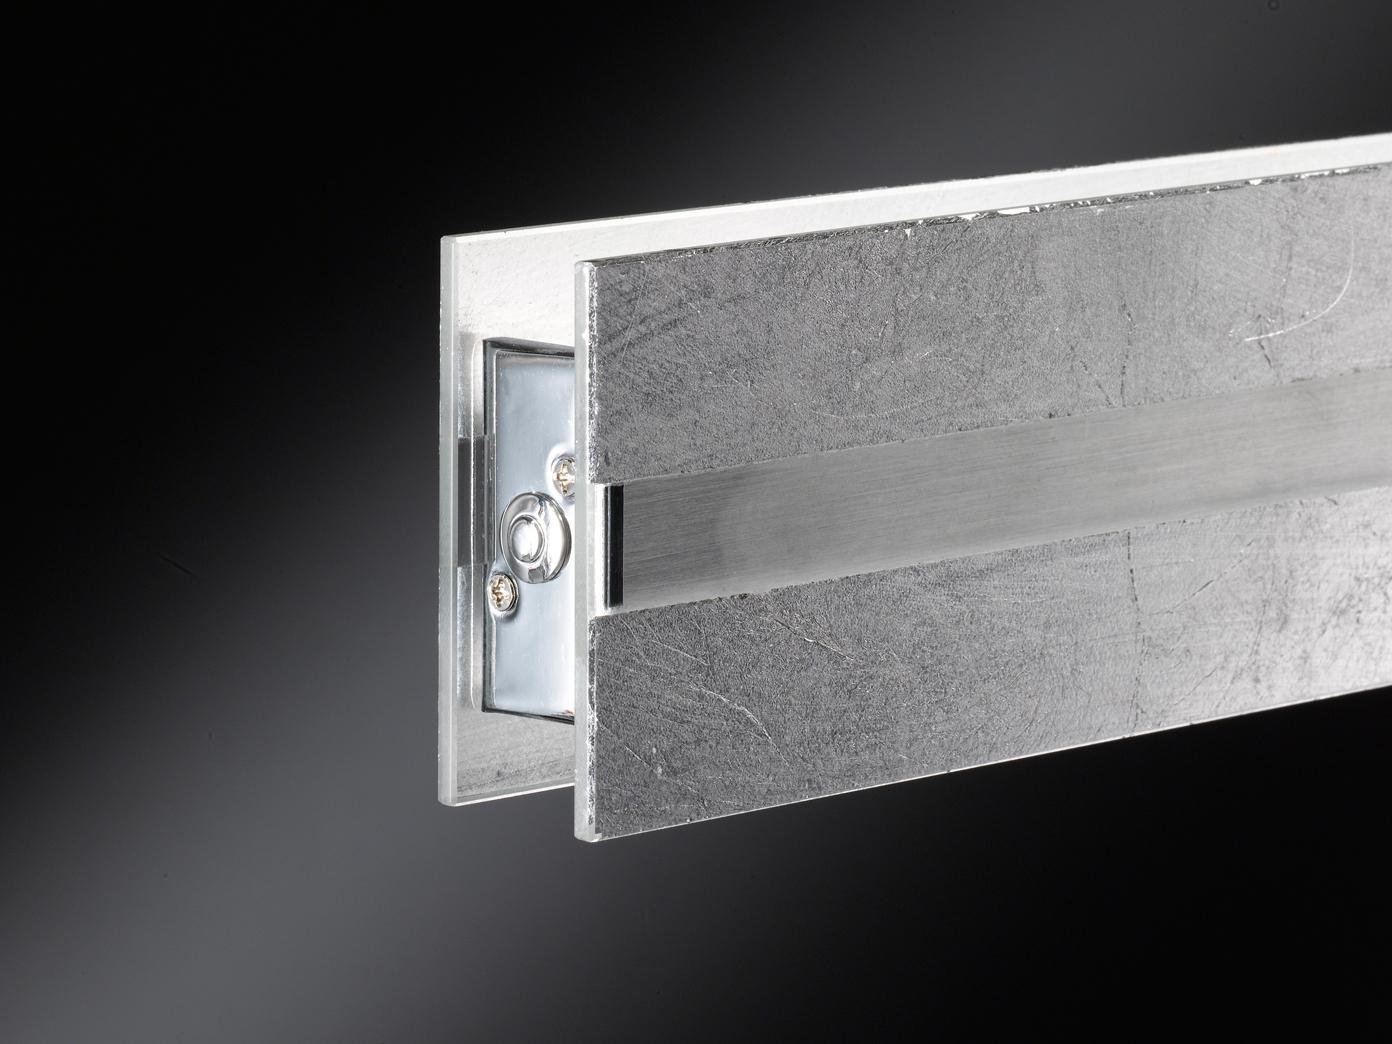 silberne led pendelleuchte dimmbar h henverstellbar 14 5w. Black Bedroom Furniture Sets. Home Design Ideas